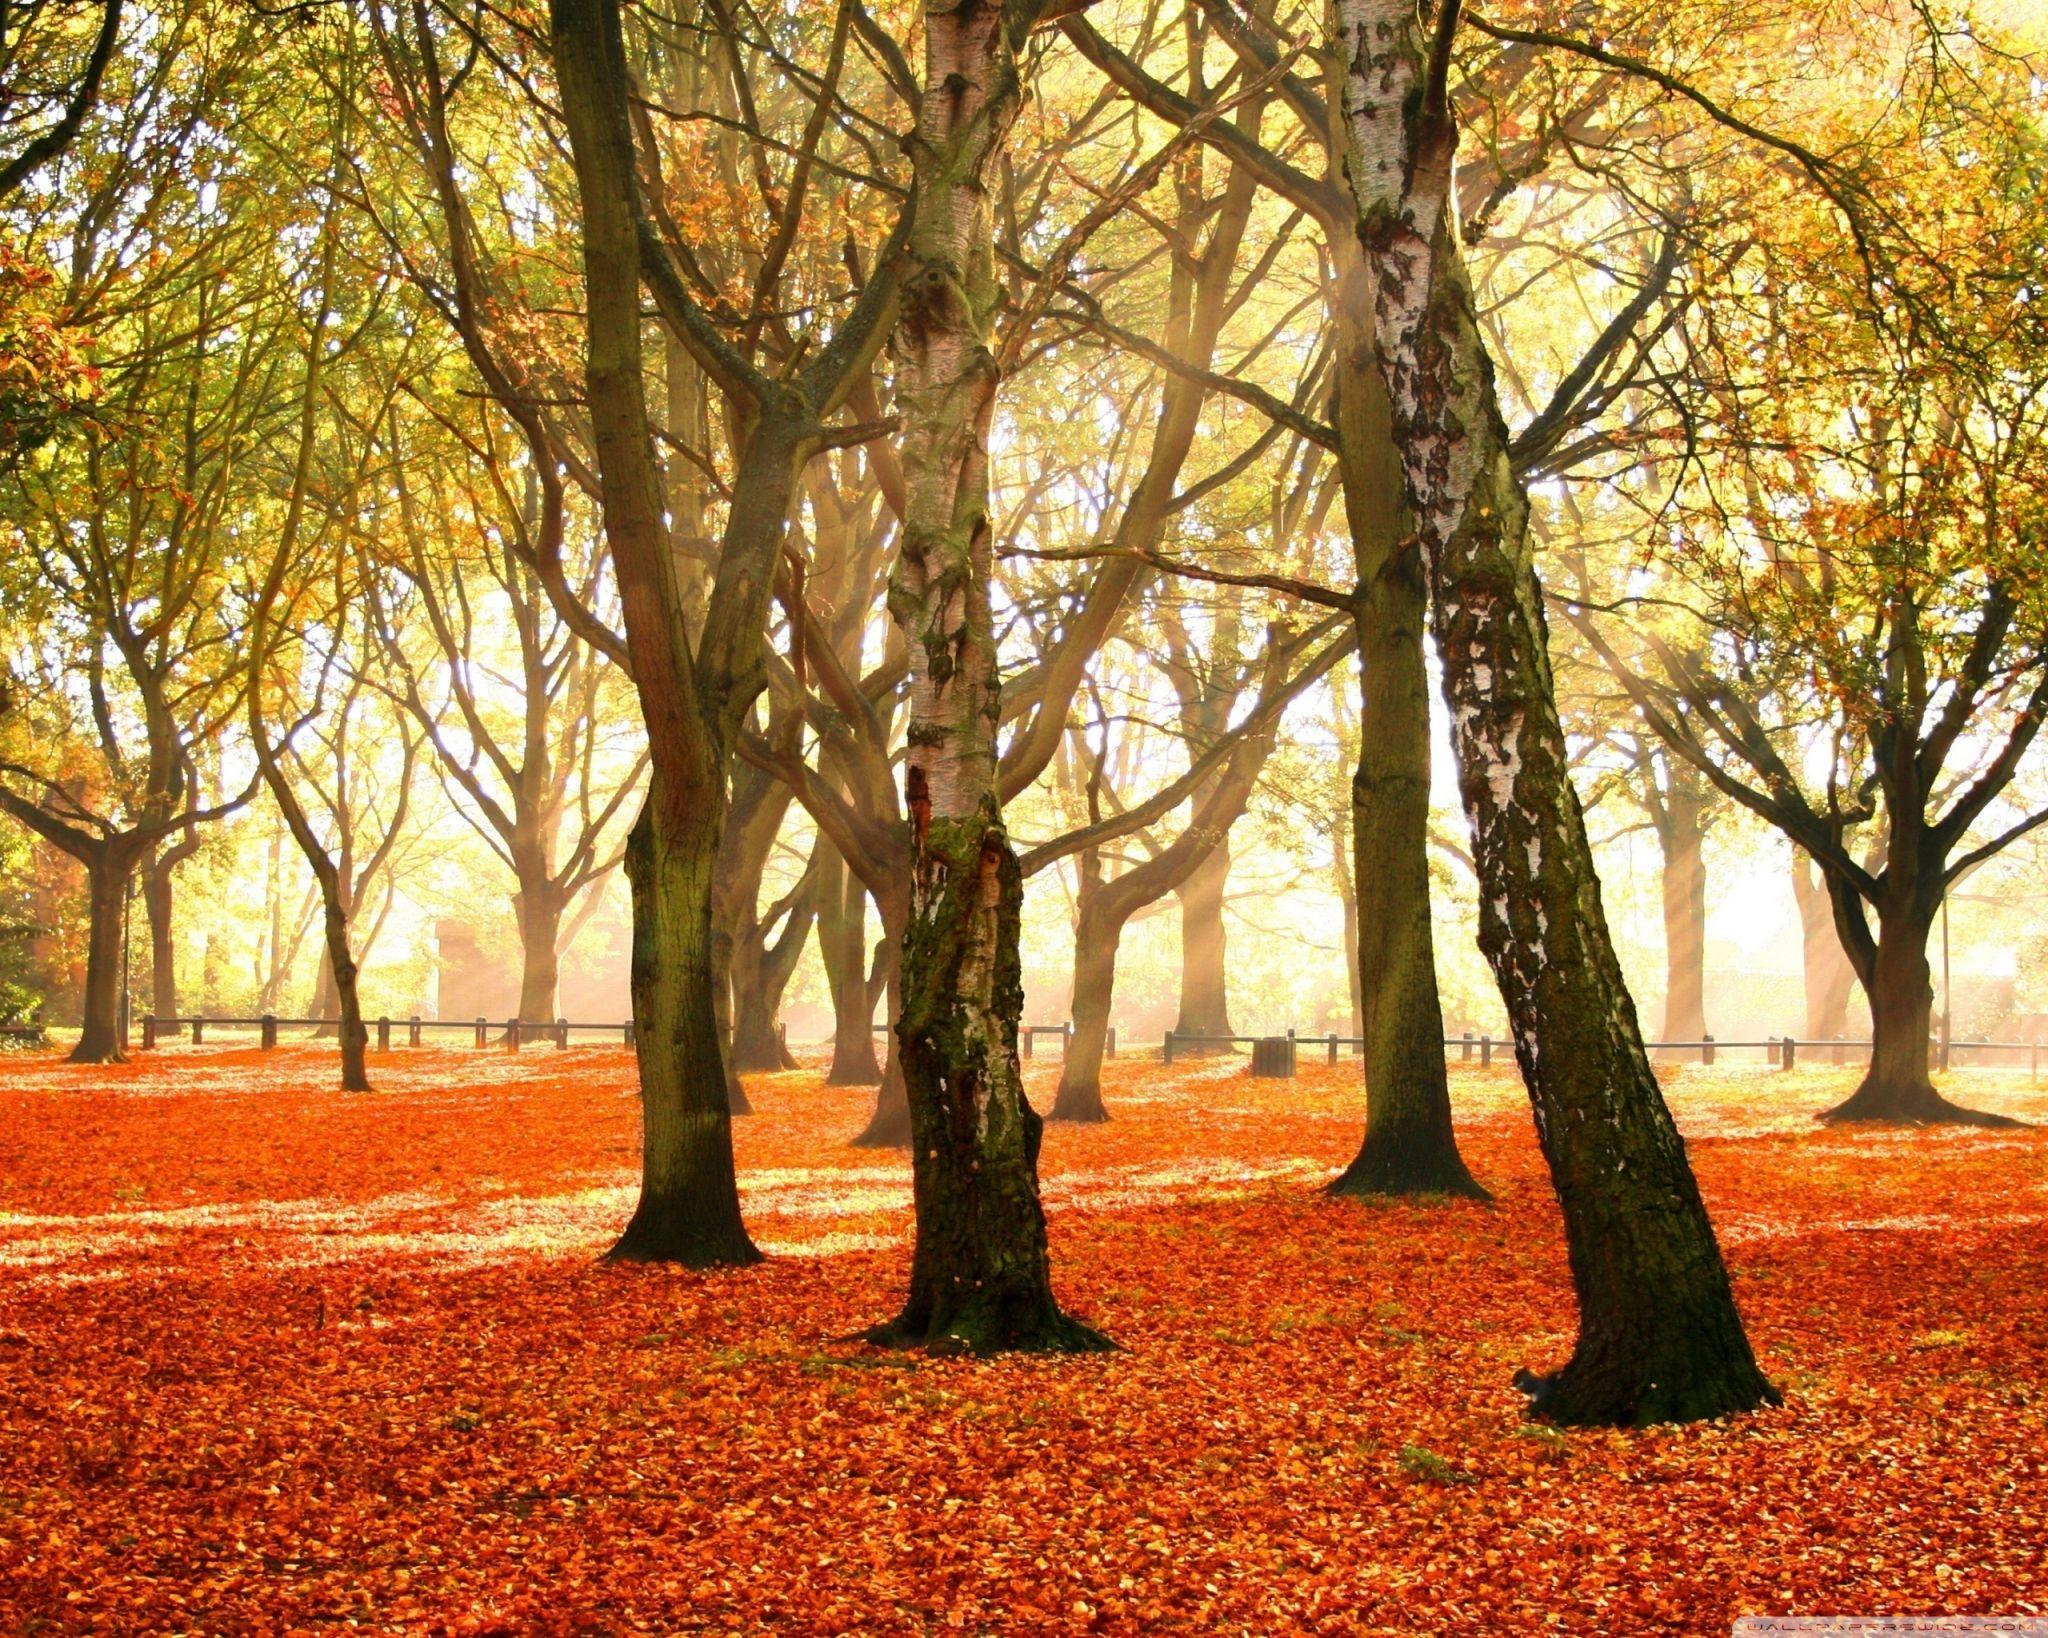 Autumn [17]